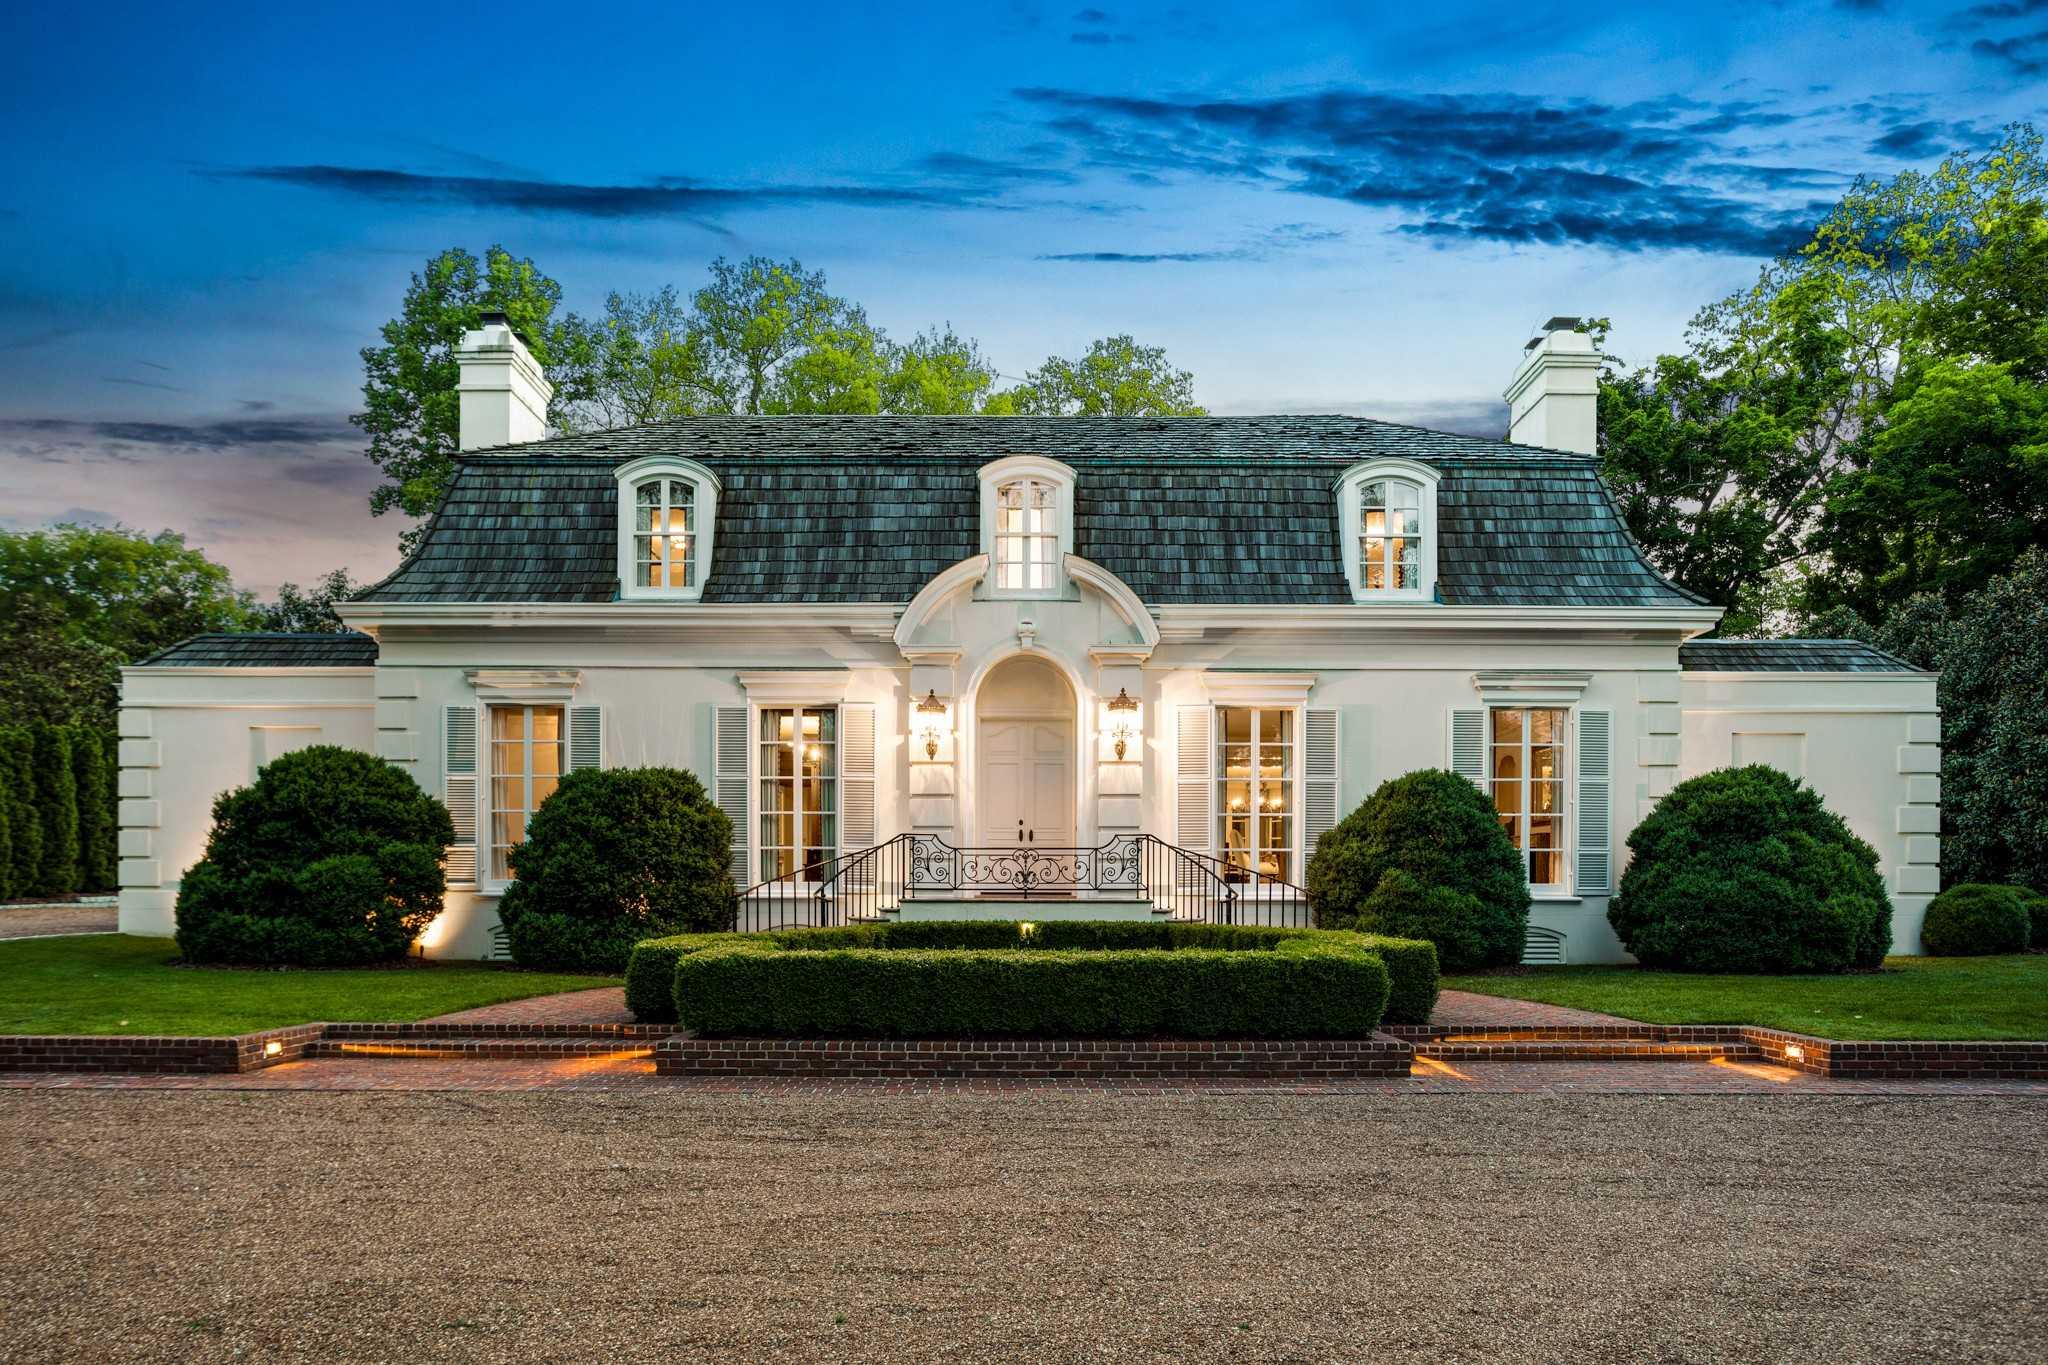 $3,100,000 - 5Br/4Ba -  for Sale in Belle Meade, Nashville